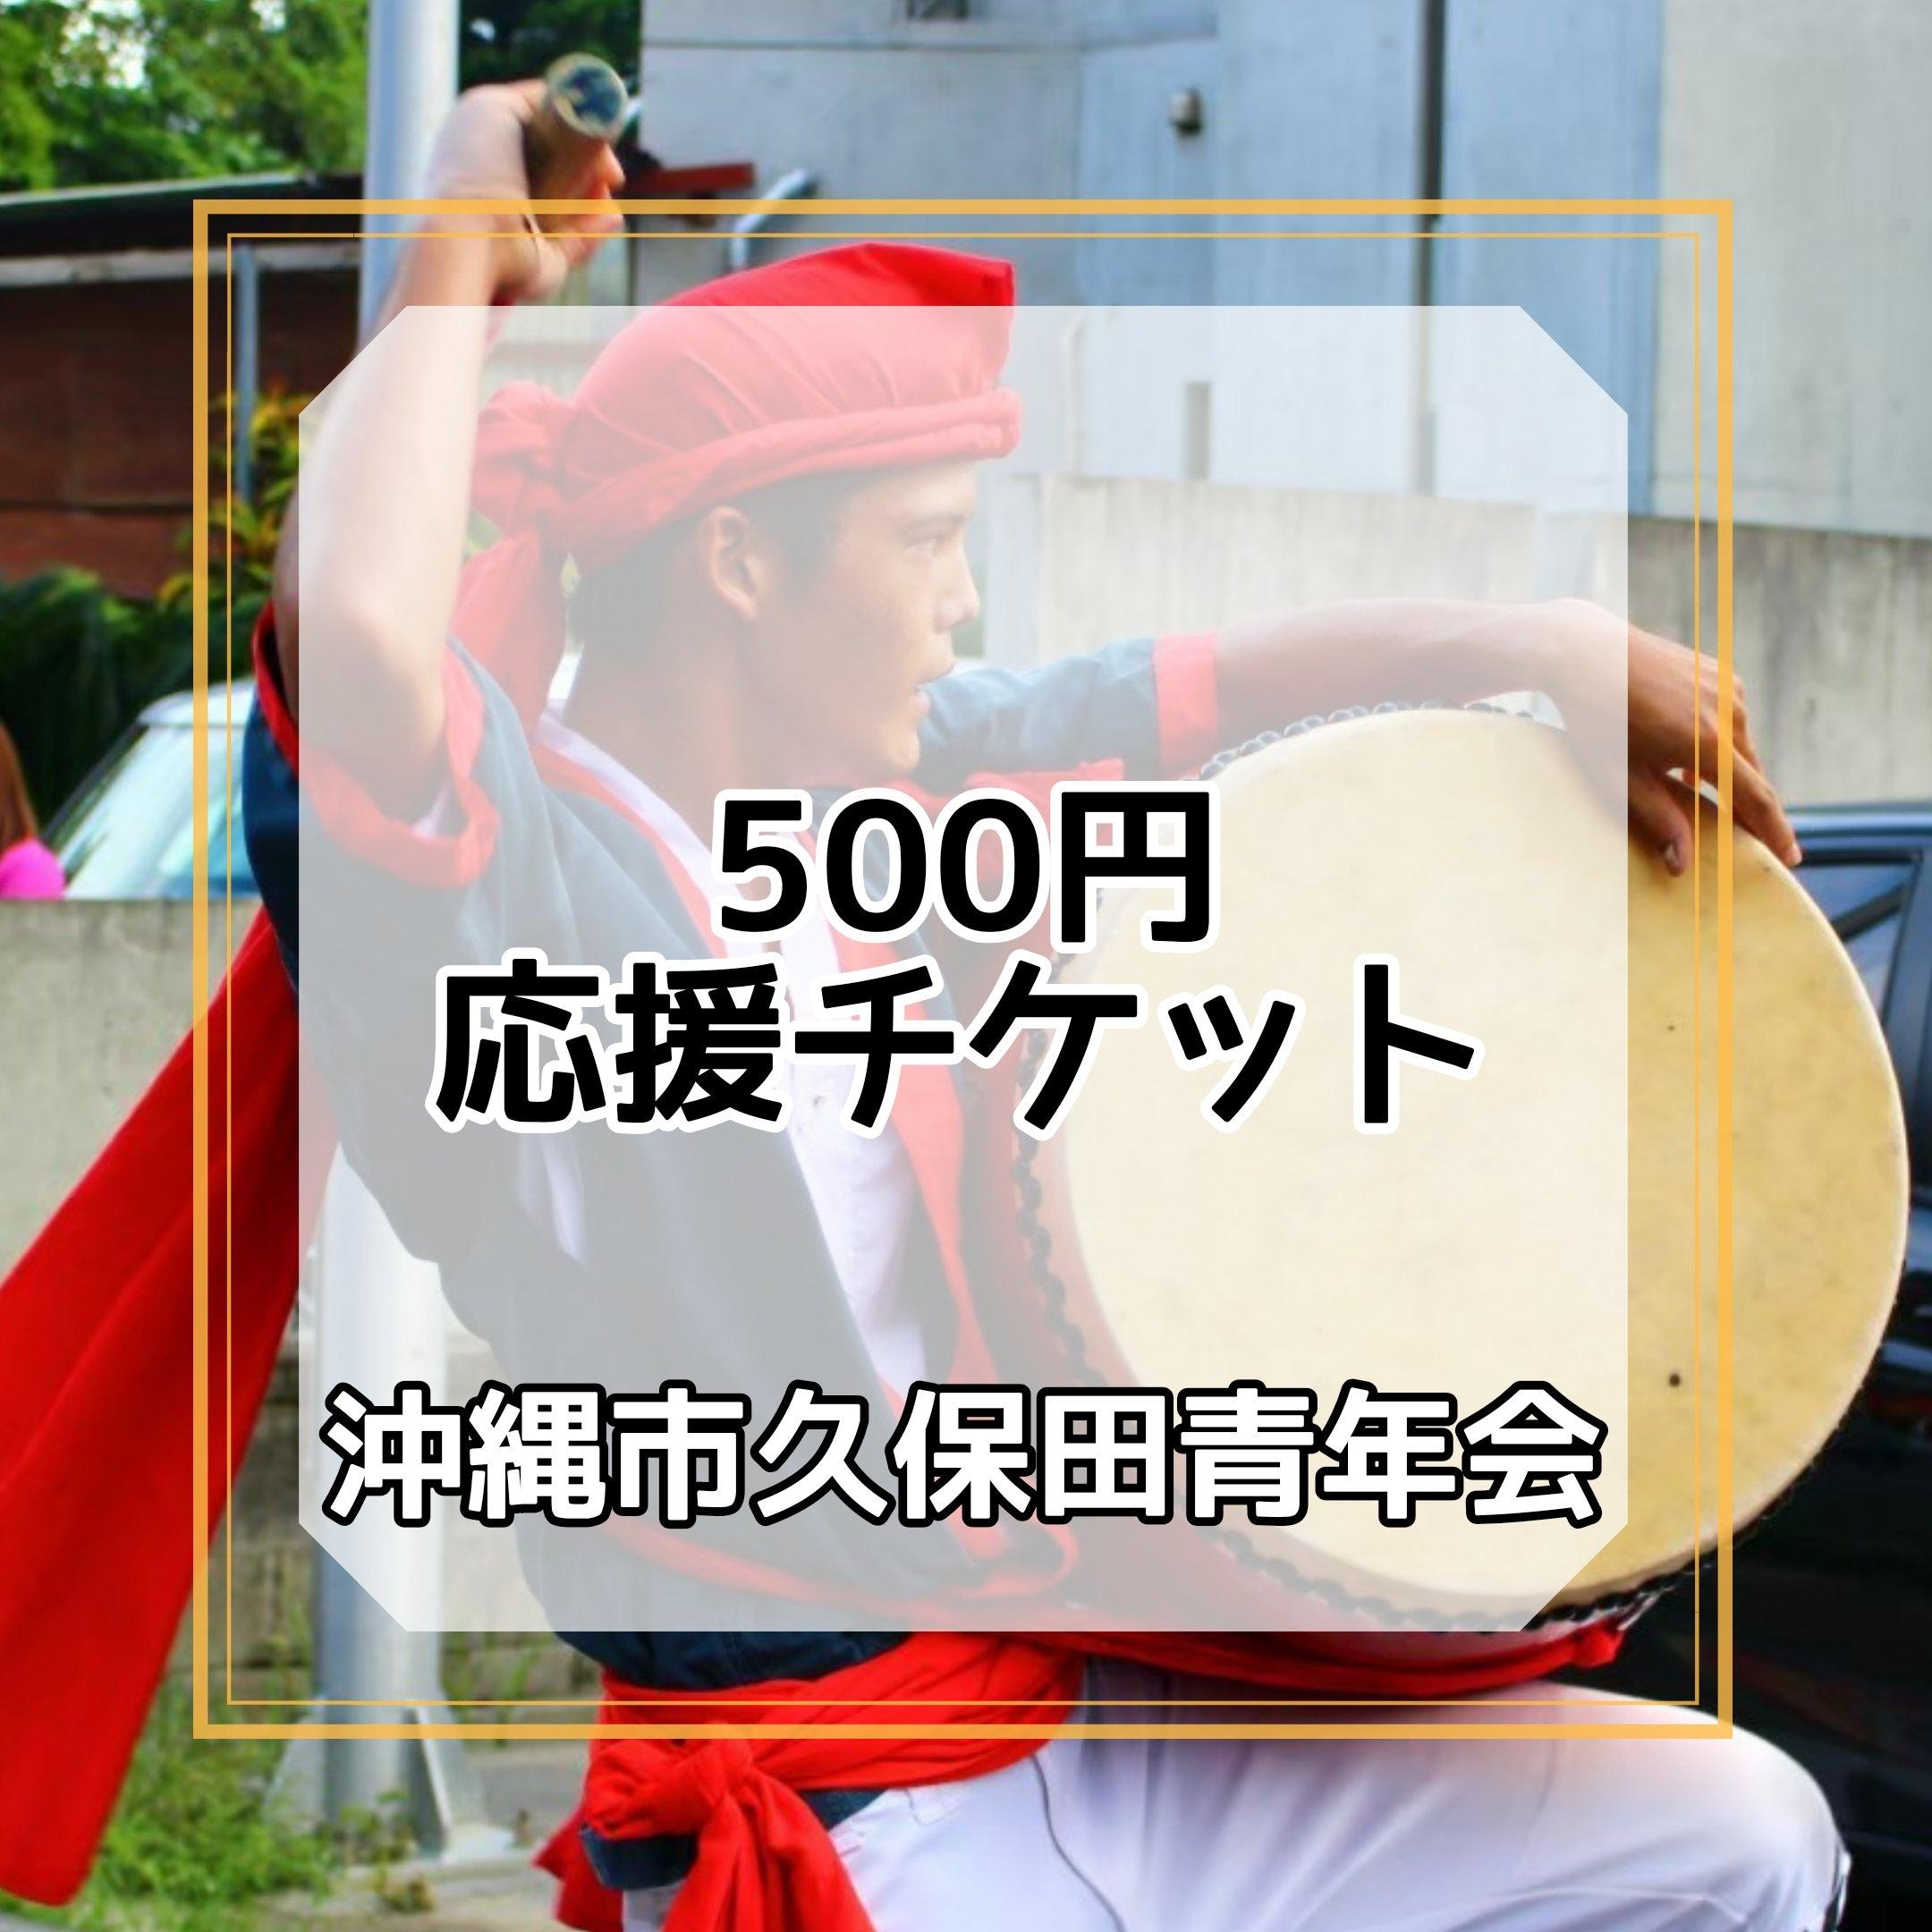 500円/応援チケット【沖縄市久保田青年会】のイメージその1